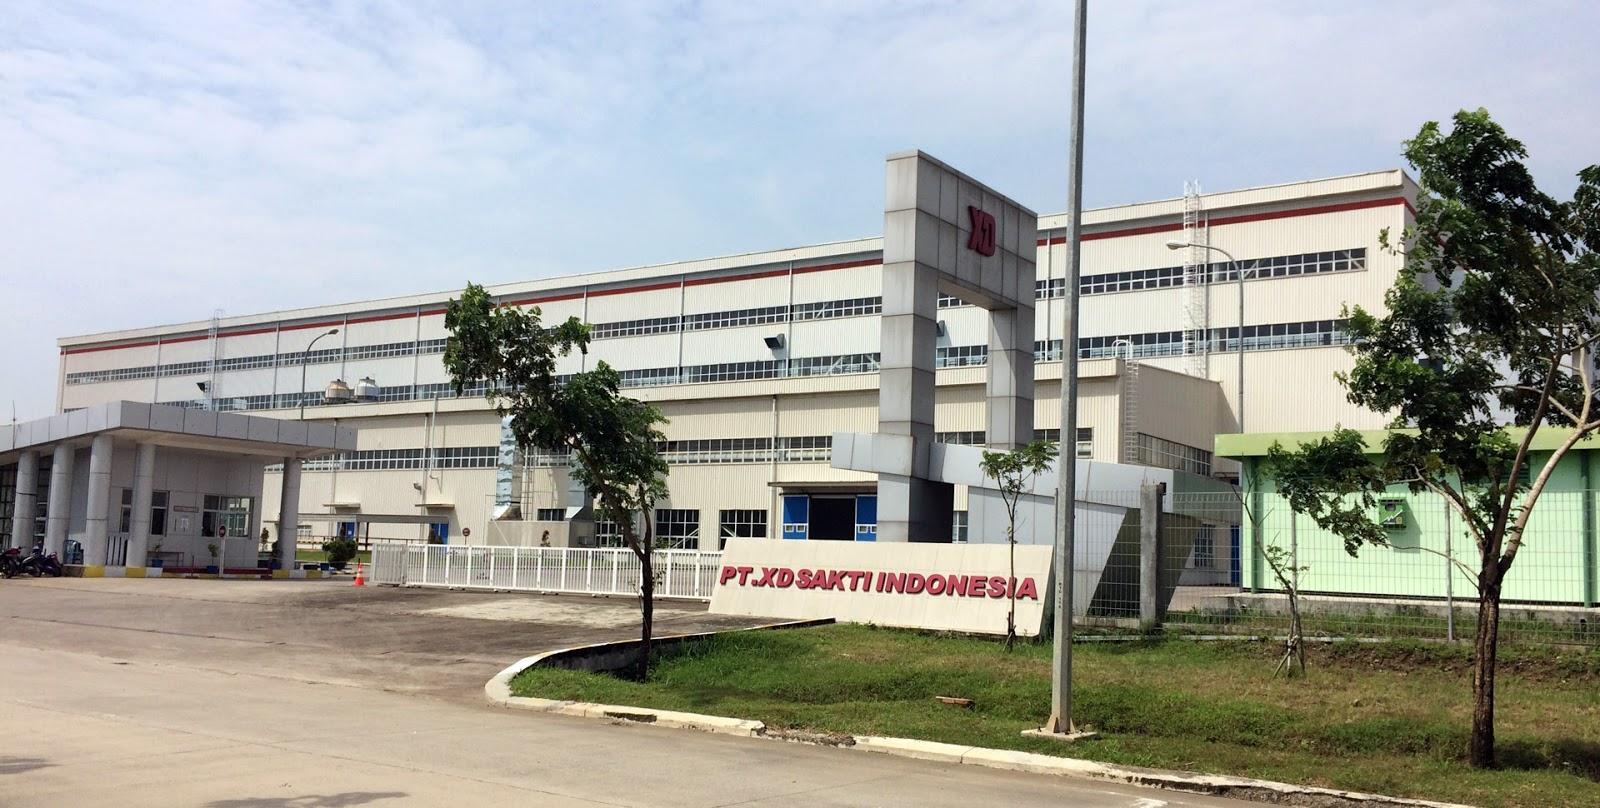 Loker Terbaru 2018 Bekasi Via Email PT XD Sakti Indonesia Kawasan KITIC